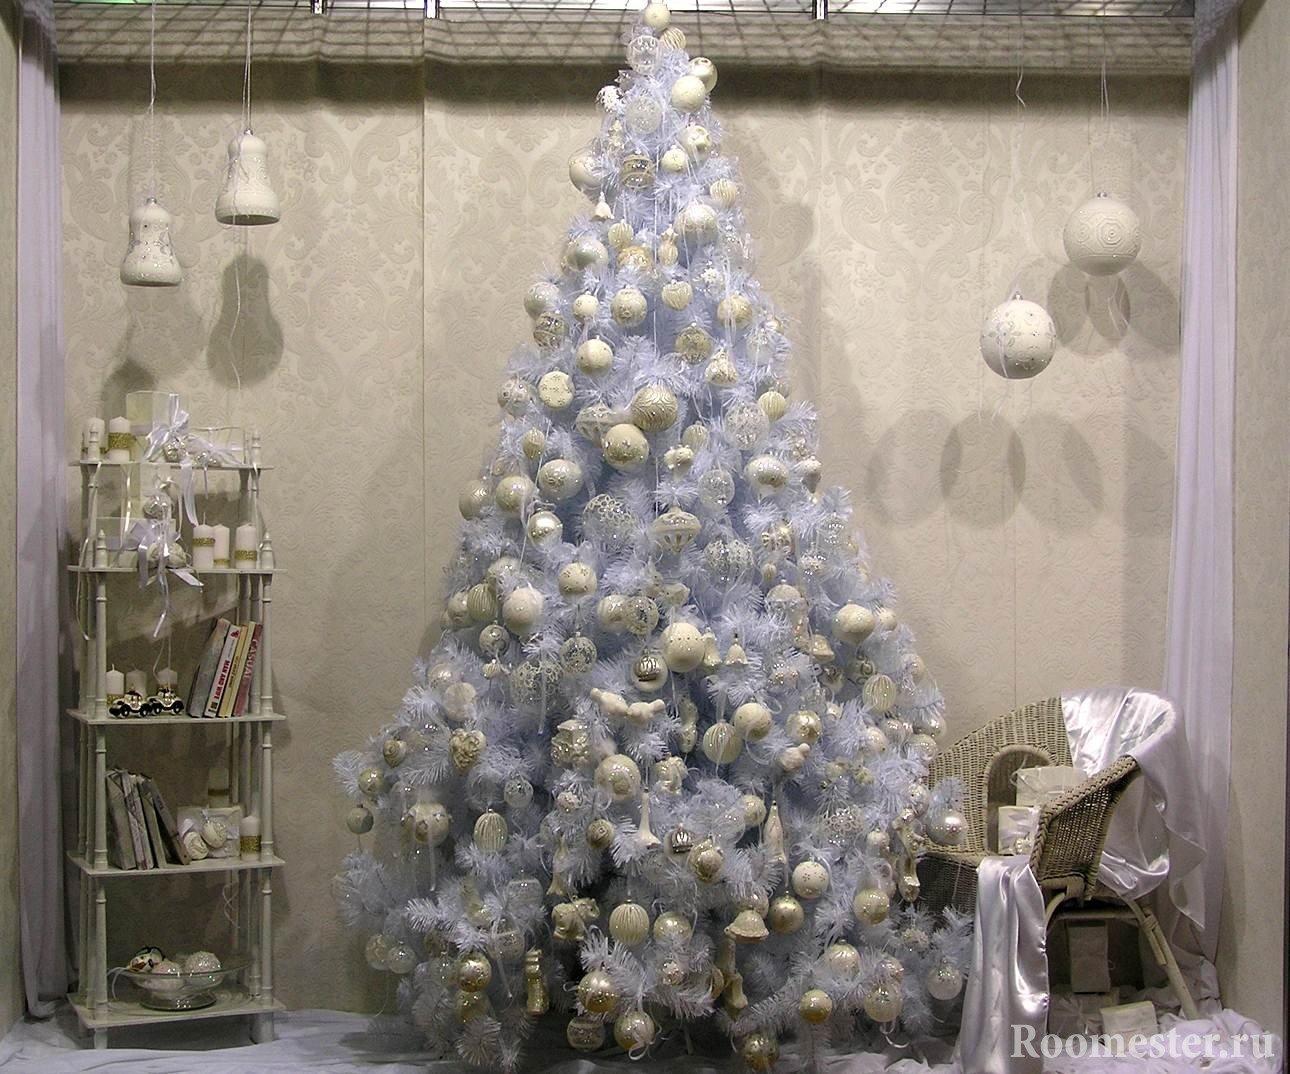 Новогодний интерьер в белом стиле